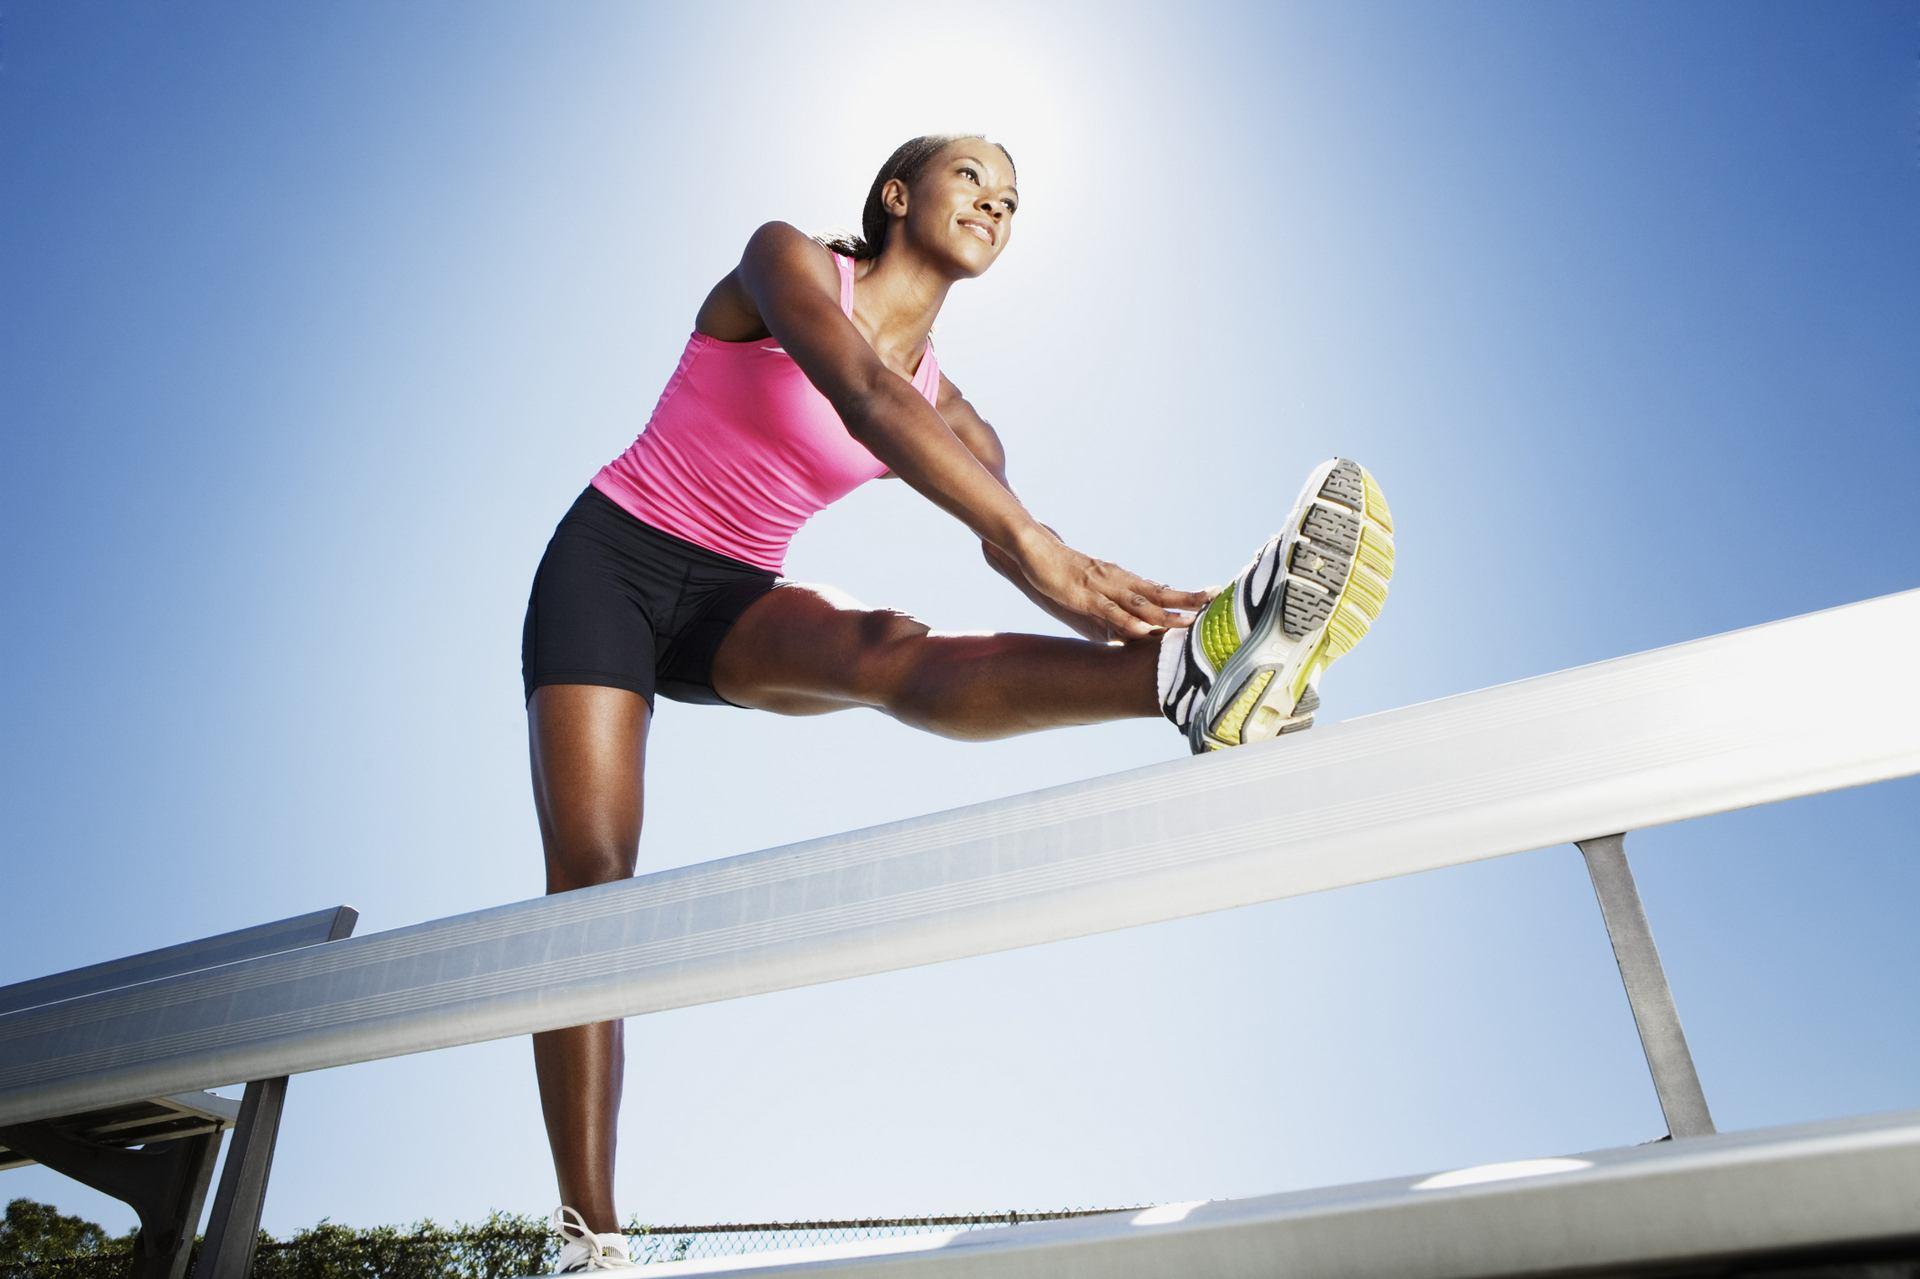 Для чего нужна растяжка мышц?